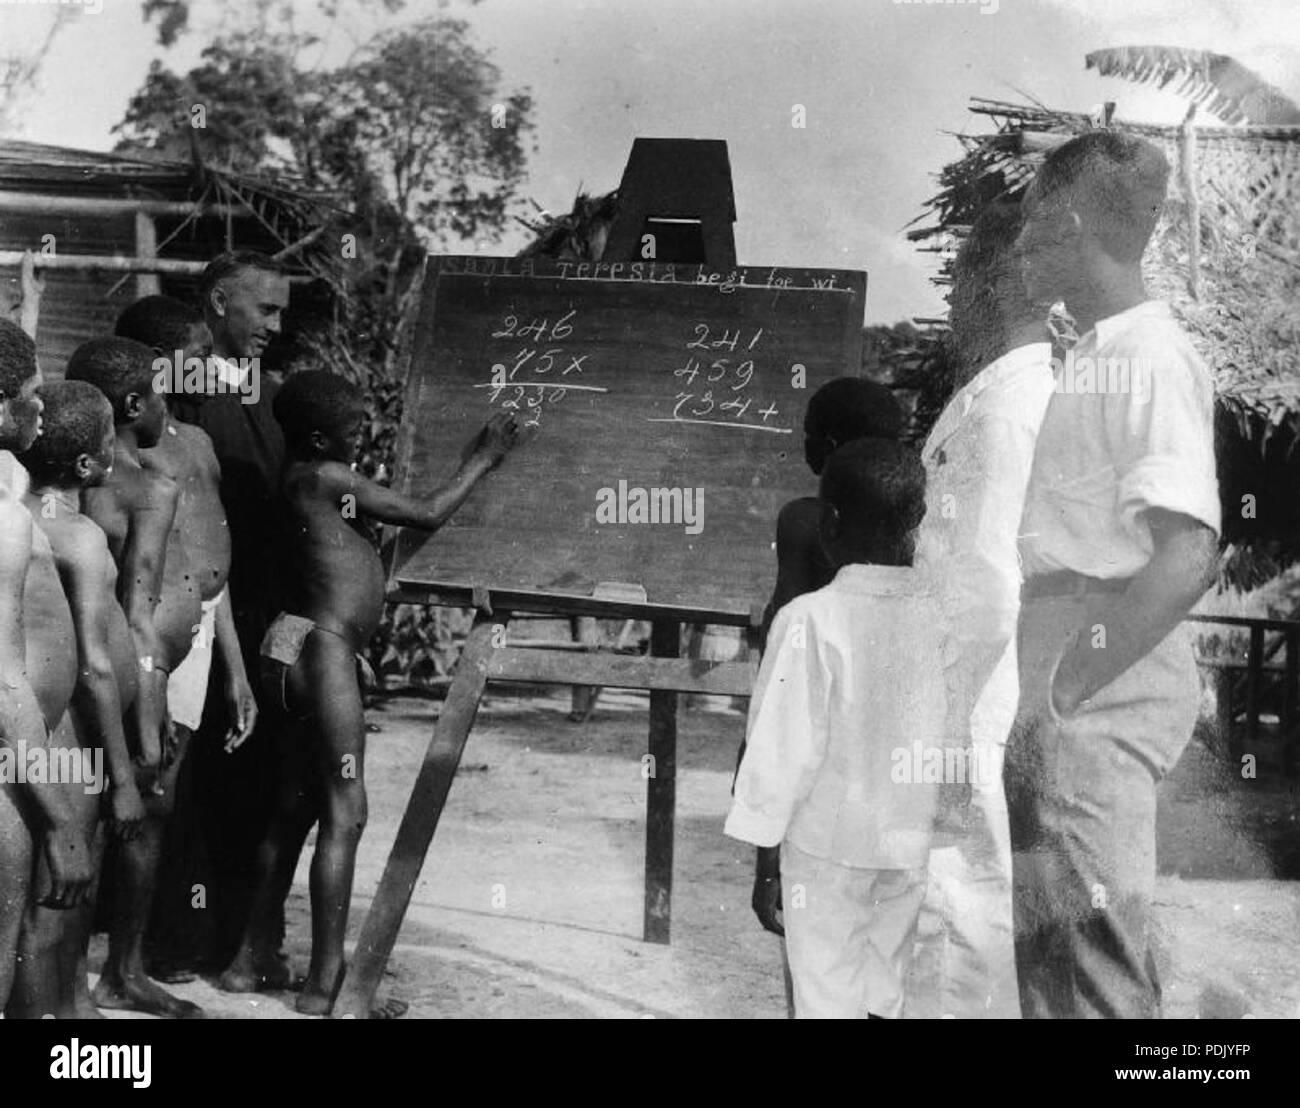 293 School Licieux van de Rooms-Katholieke Missie te Suriname - Collectie stichting Nationaal Museum van Wereldculturen - TM-10018886 - Stock Image